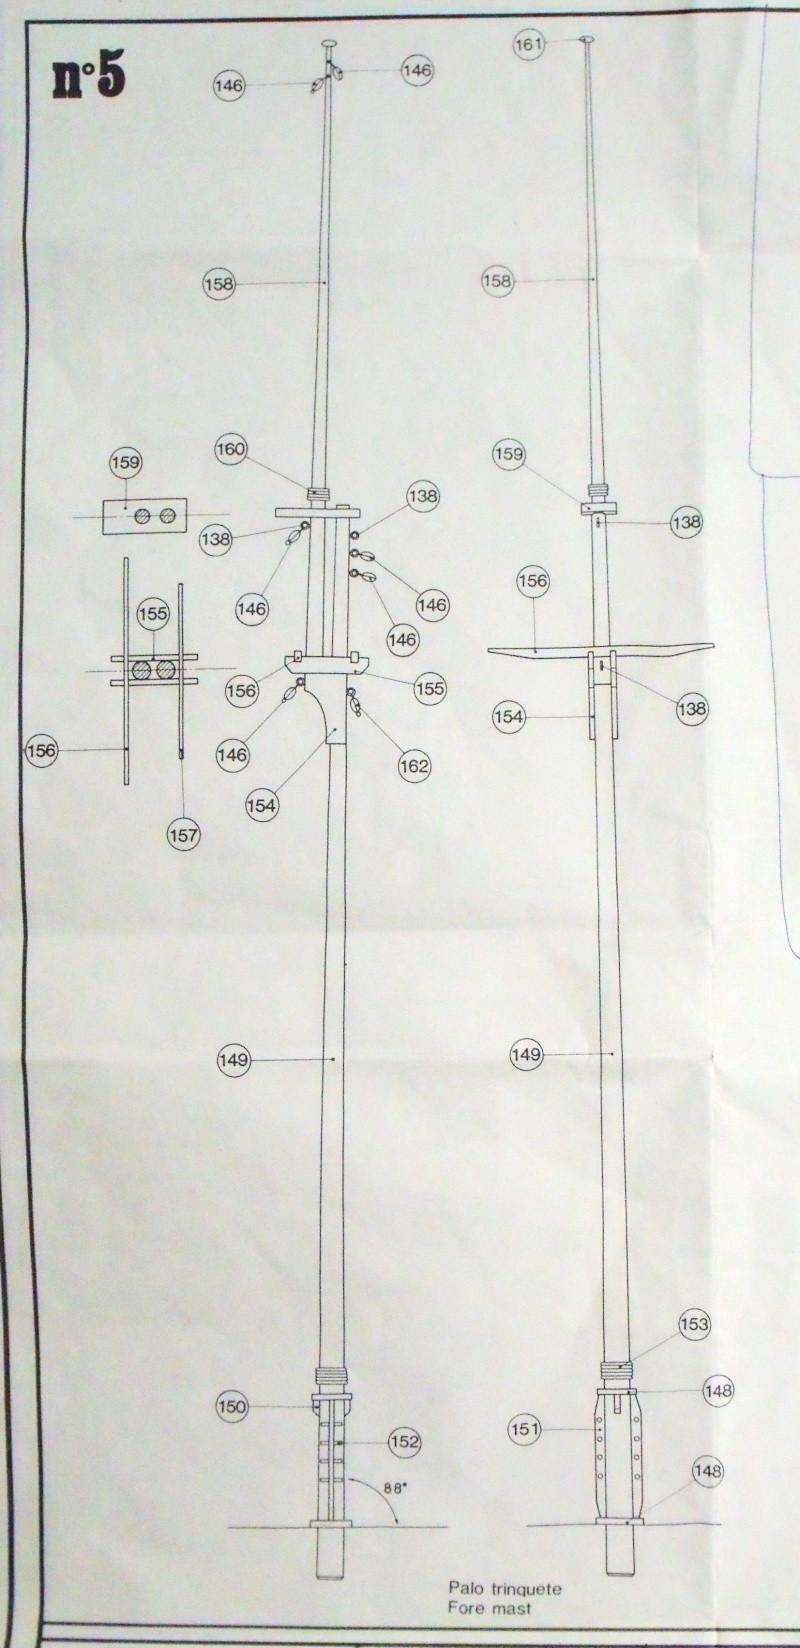 BLUENOSE II (ARTESANIA LATINA) 1/75 - Page 2 Dscf1212